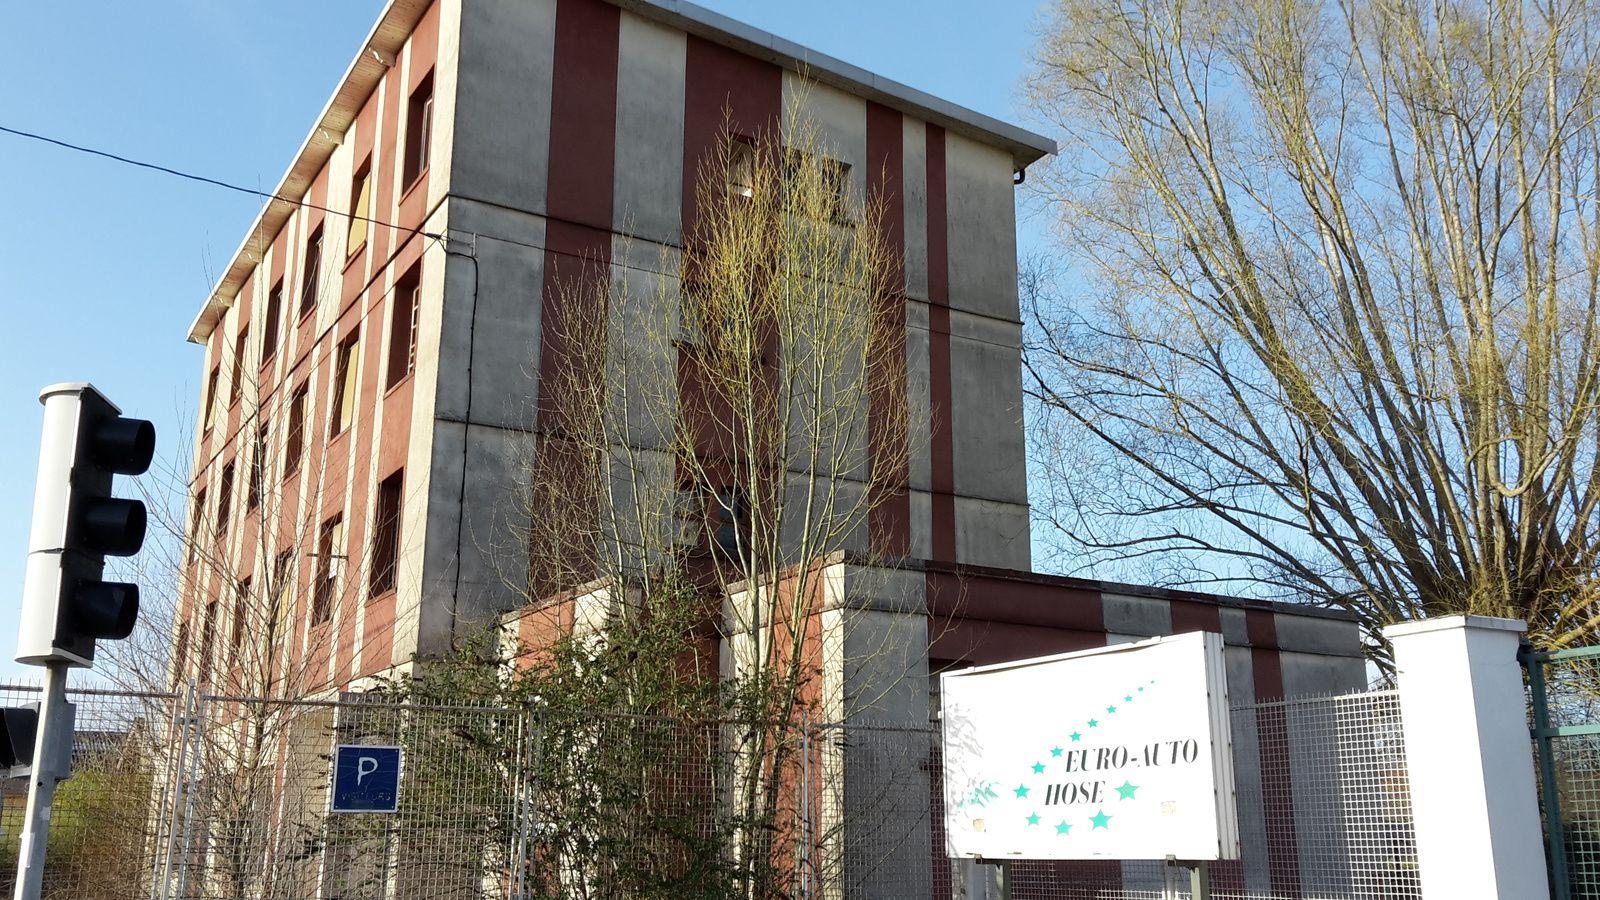 Ancien site industriel Euro Auto Hose A Nevers : bientôt un nouveau campus ?